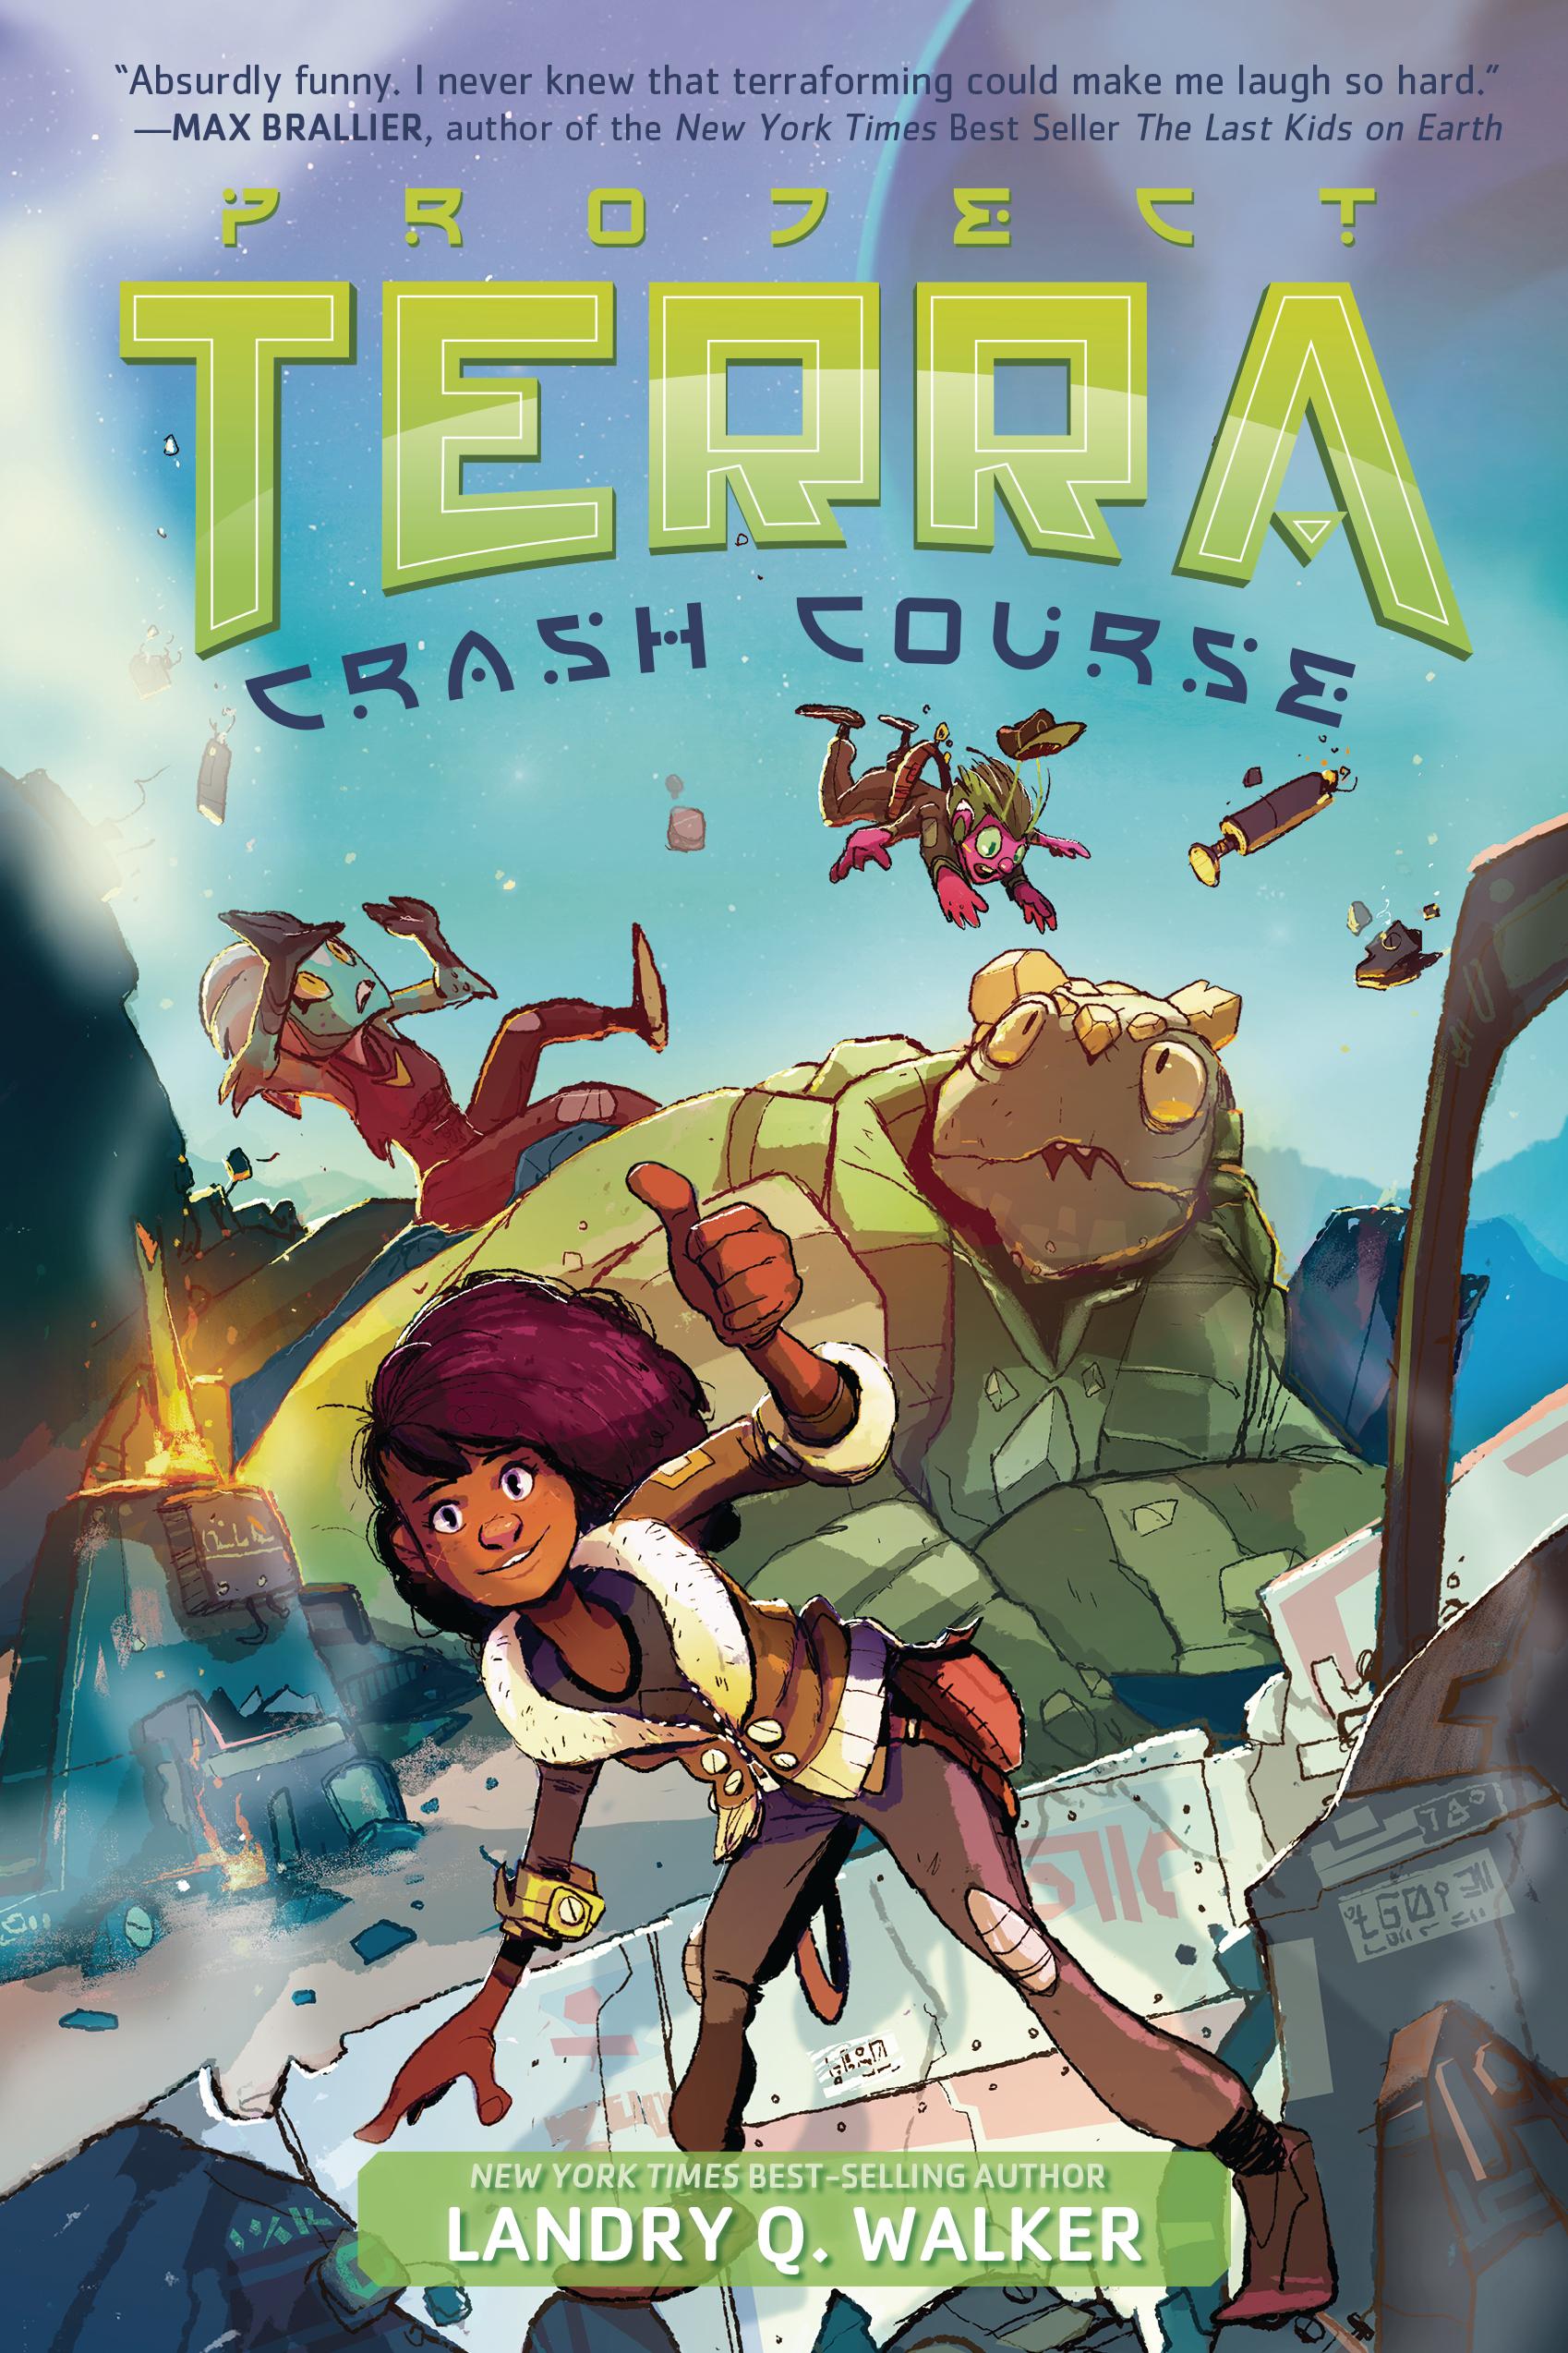 Book 1: Crash Course